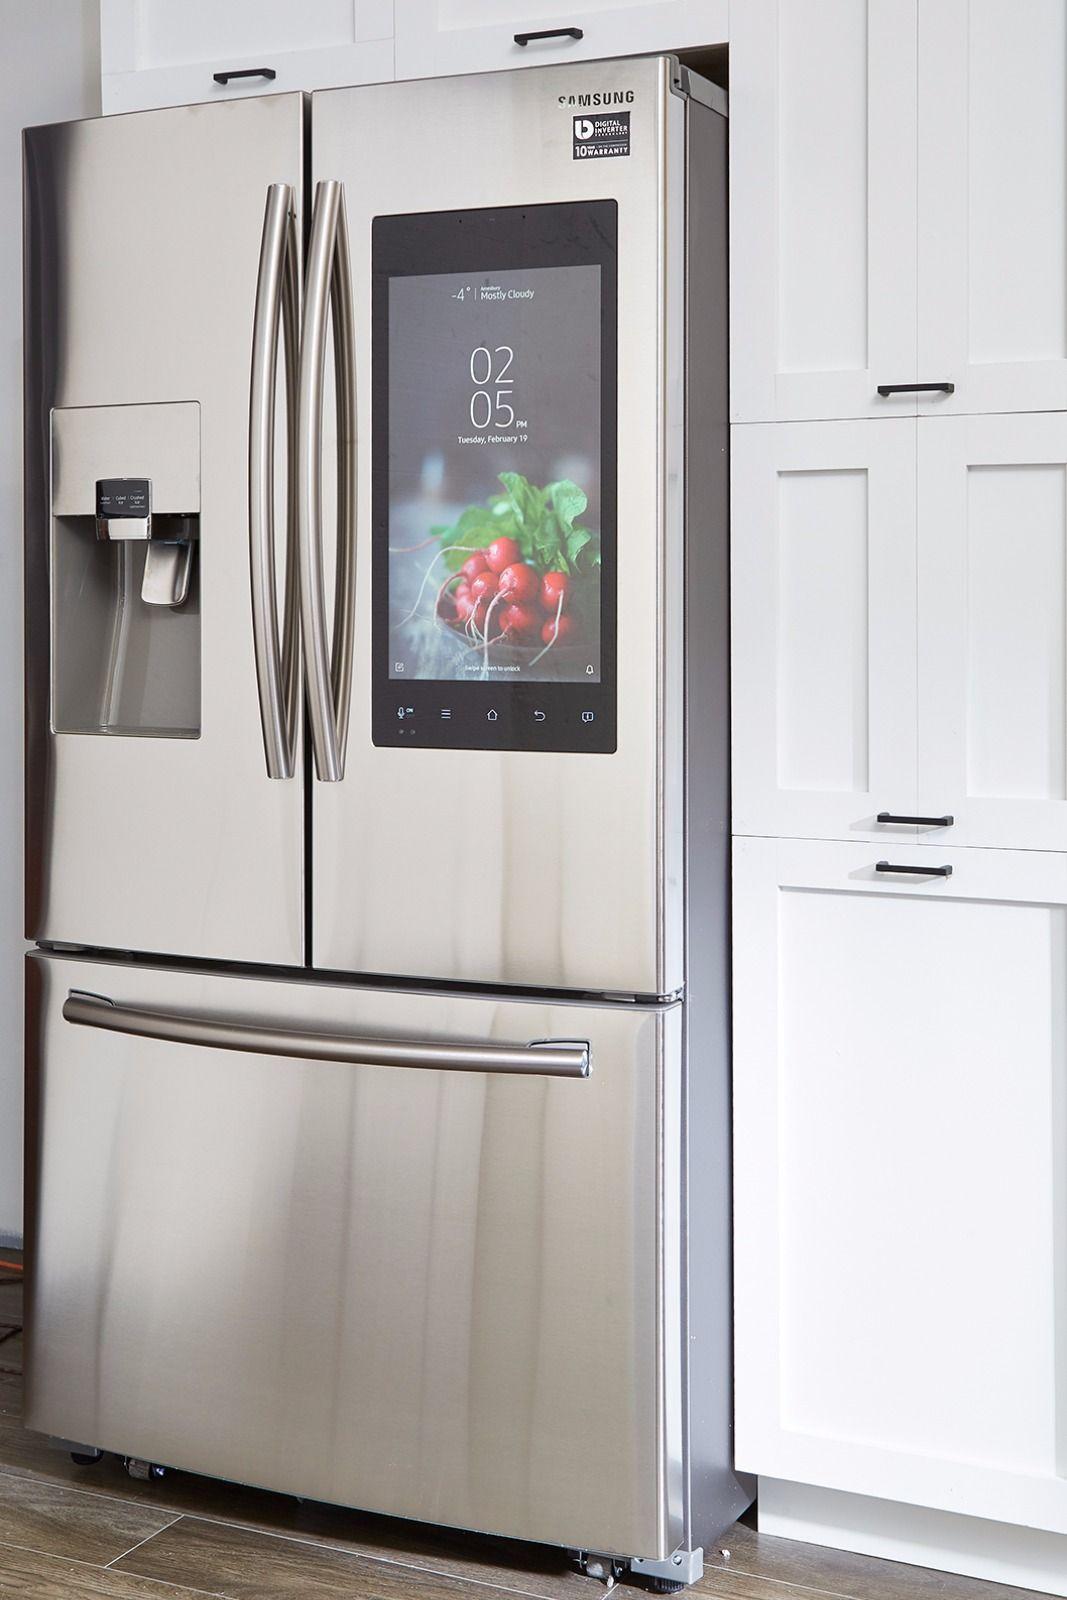 Samsung 24 Cu Ft Capacity 3 Door French Door Refrigerator With